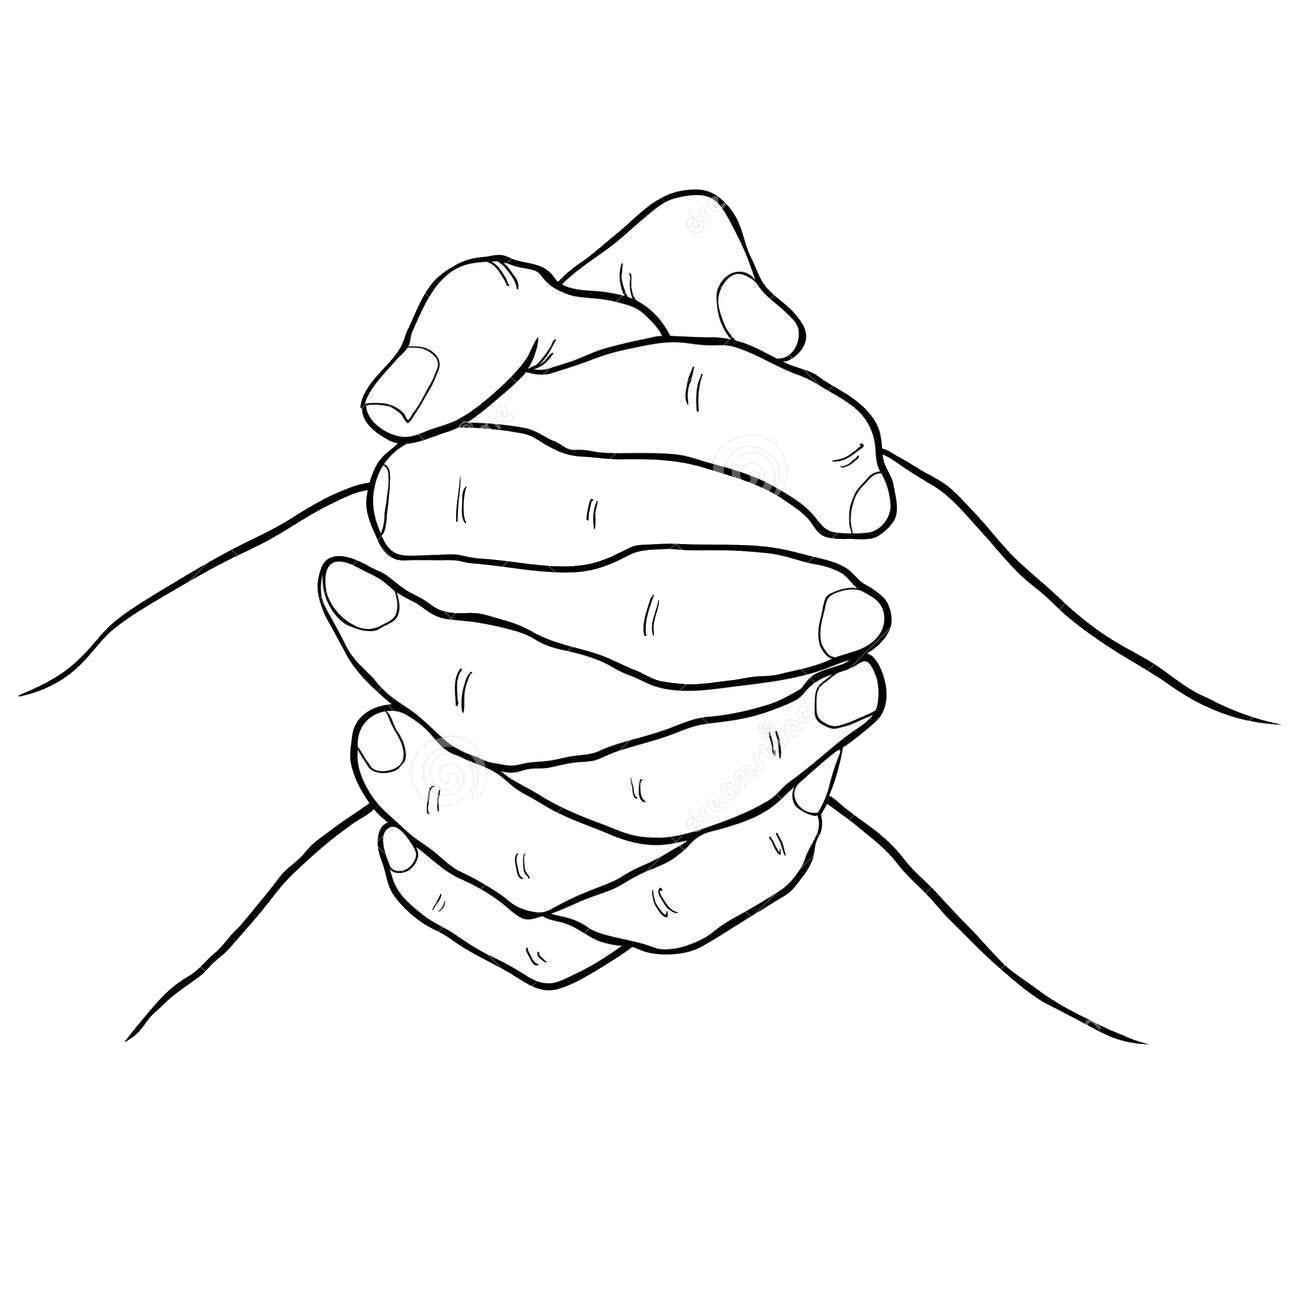 Tranh tô màu hai bàn tay nắm chặt